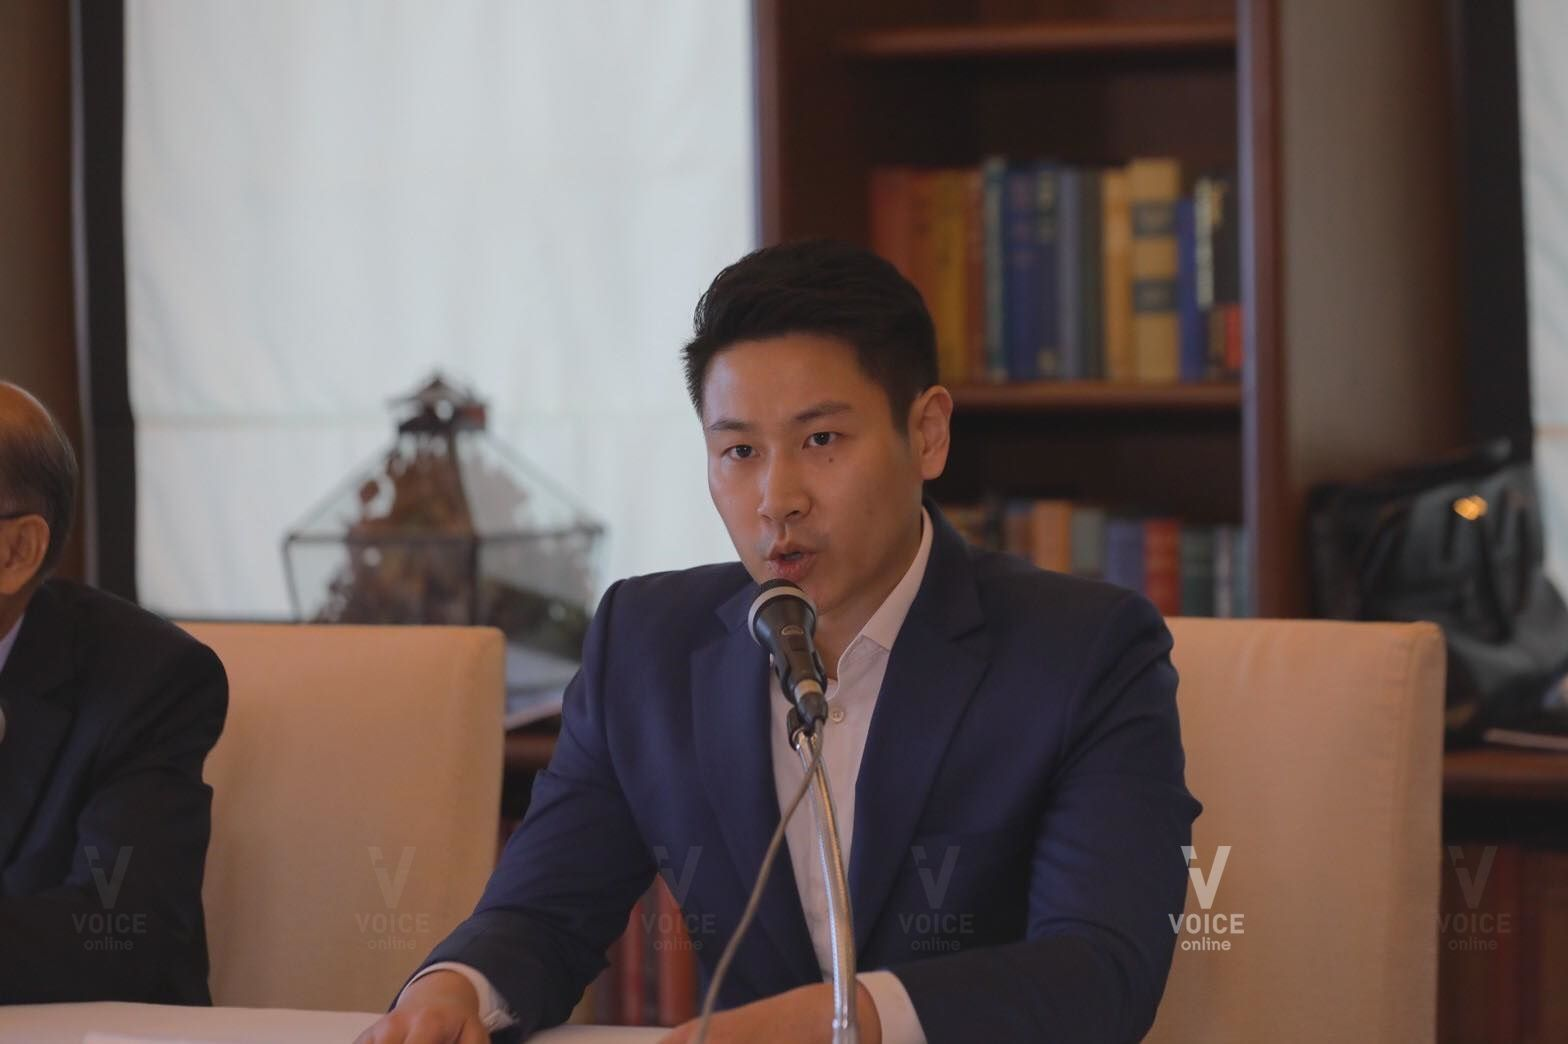 เขตรัฐ รวมพลังประชาชาติไทย 9161027707750976217_n.jpg